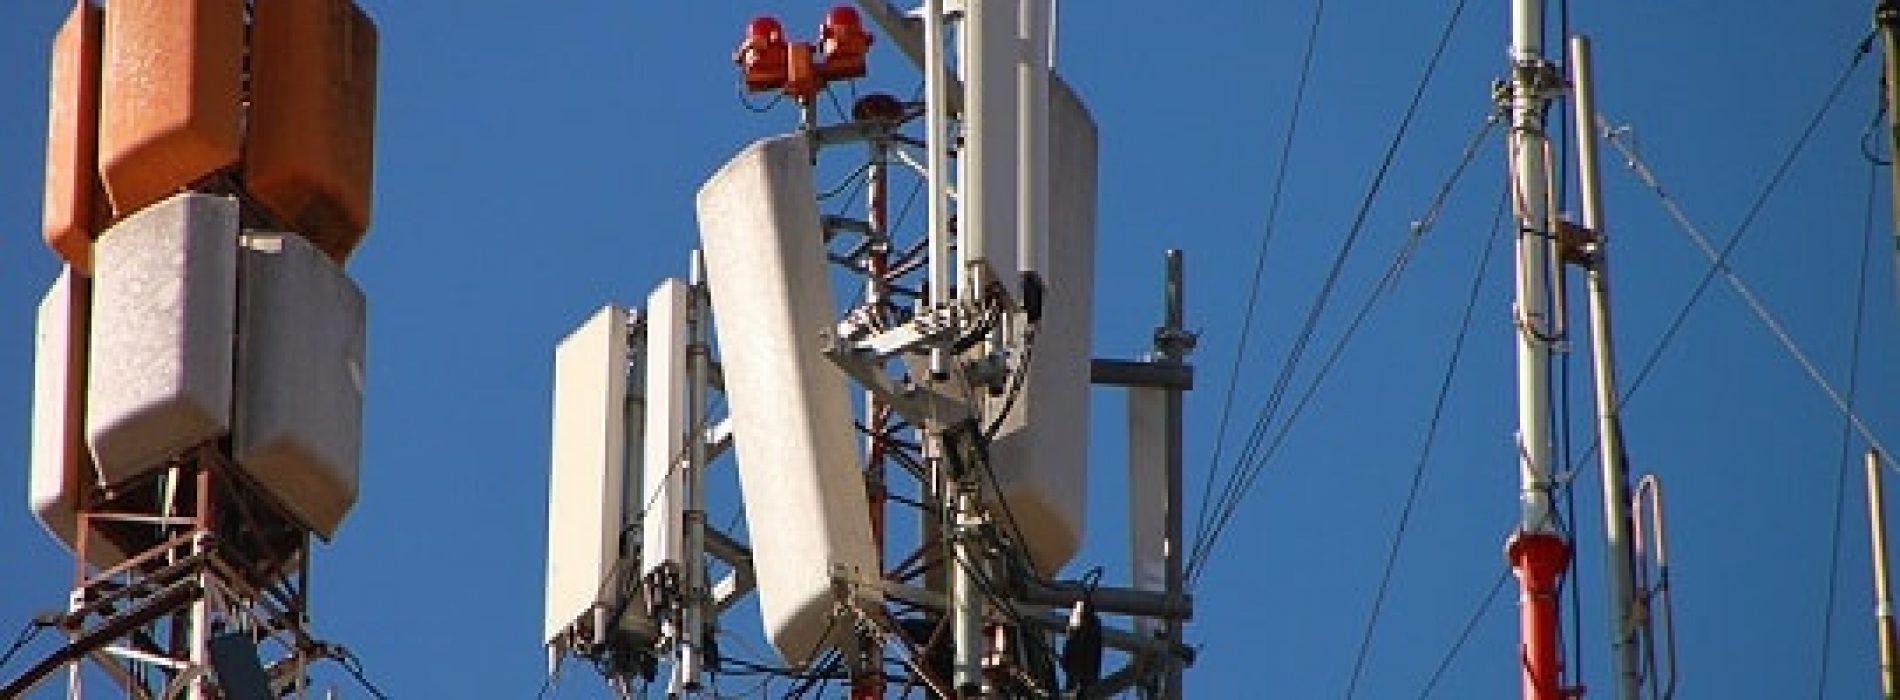 Hvilken strålingsrisiko er det fra mobiltelefoner, trådløse rutere og basestasjoner?